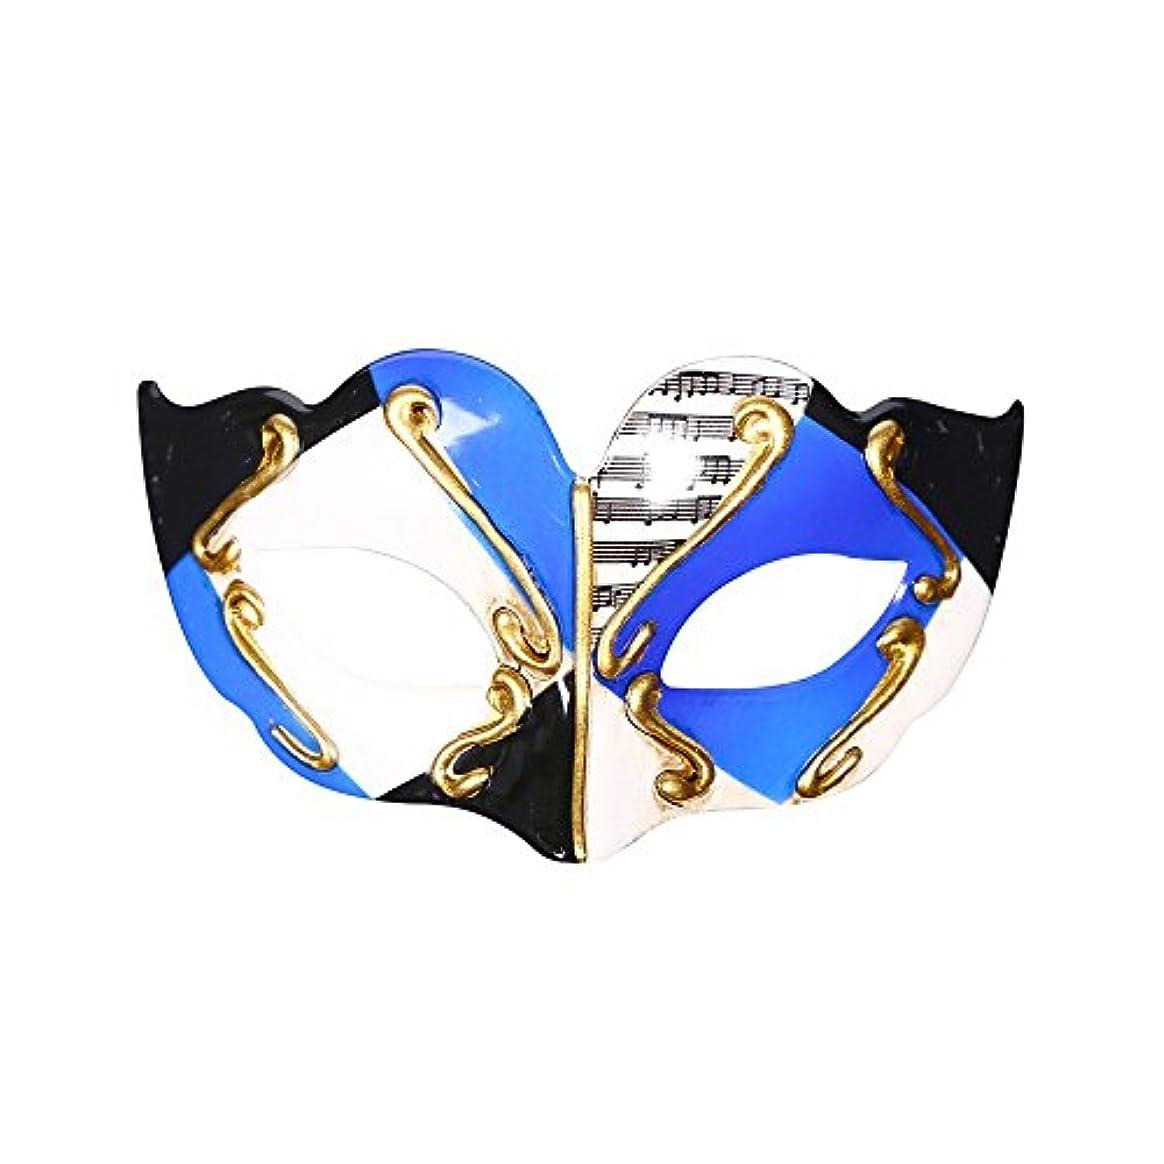 チャップであること医学ハロウィーン仮装マスクフラットヘッドハーフフェイスハードプラスチック子供用マスク (Color : #1)